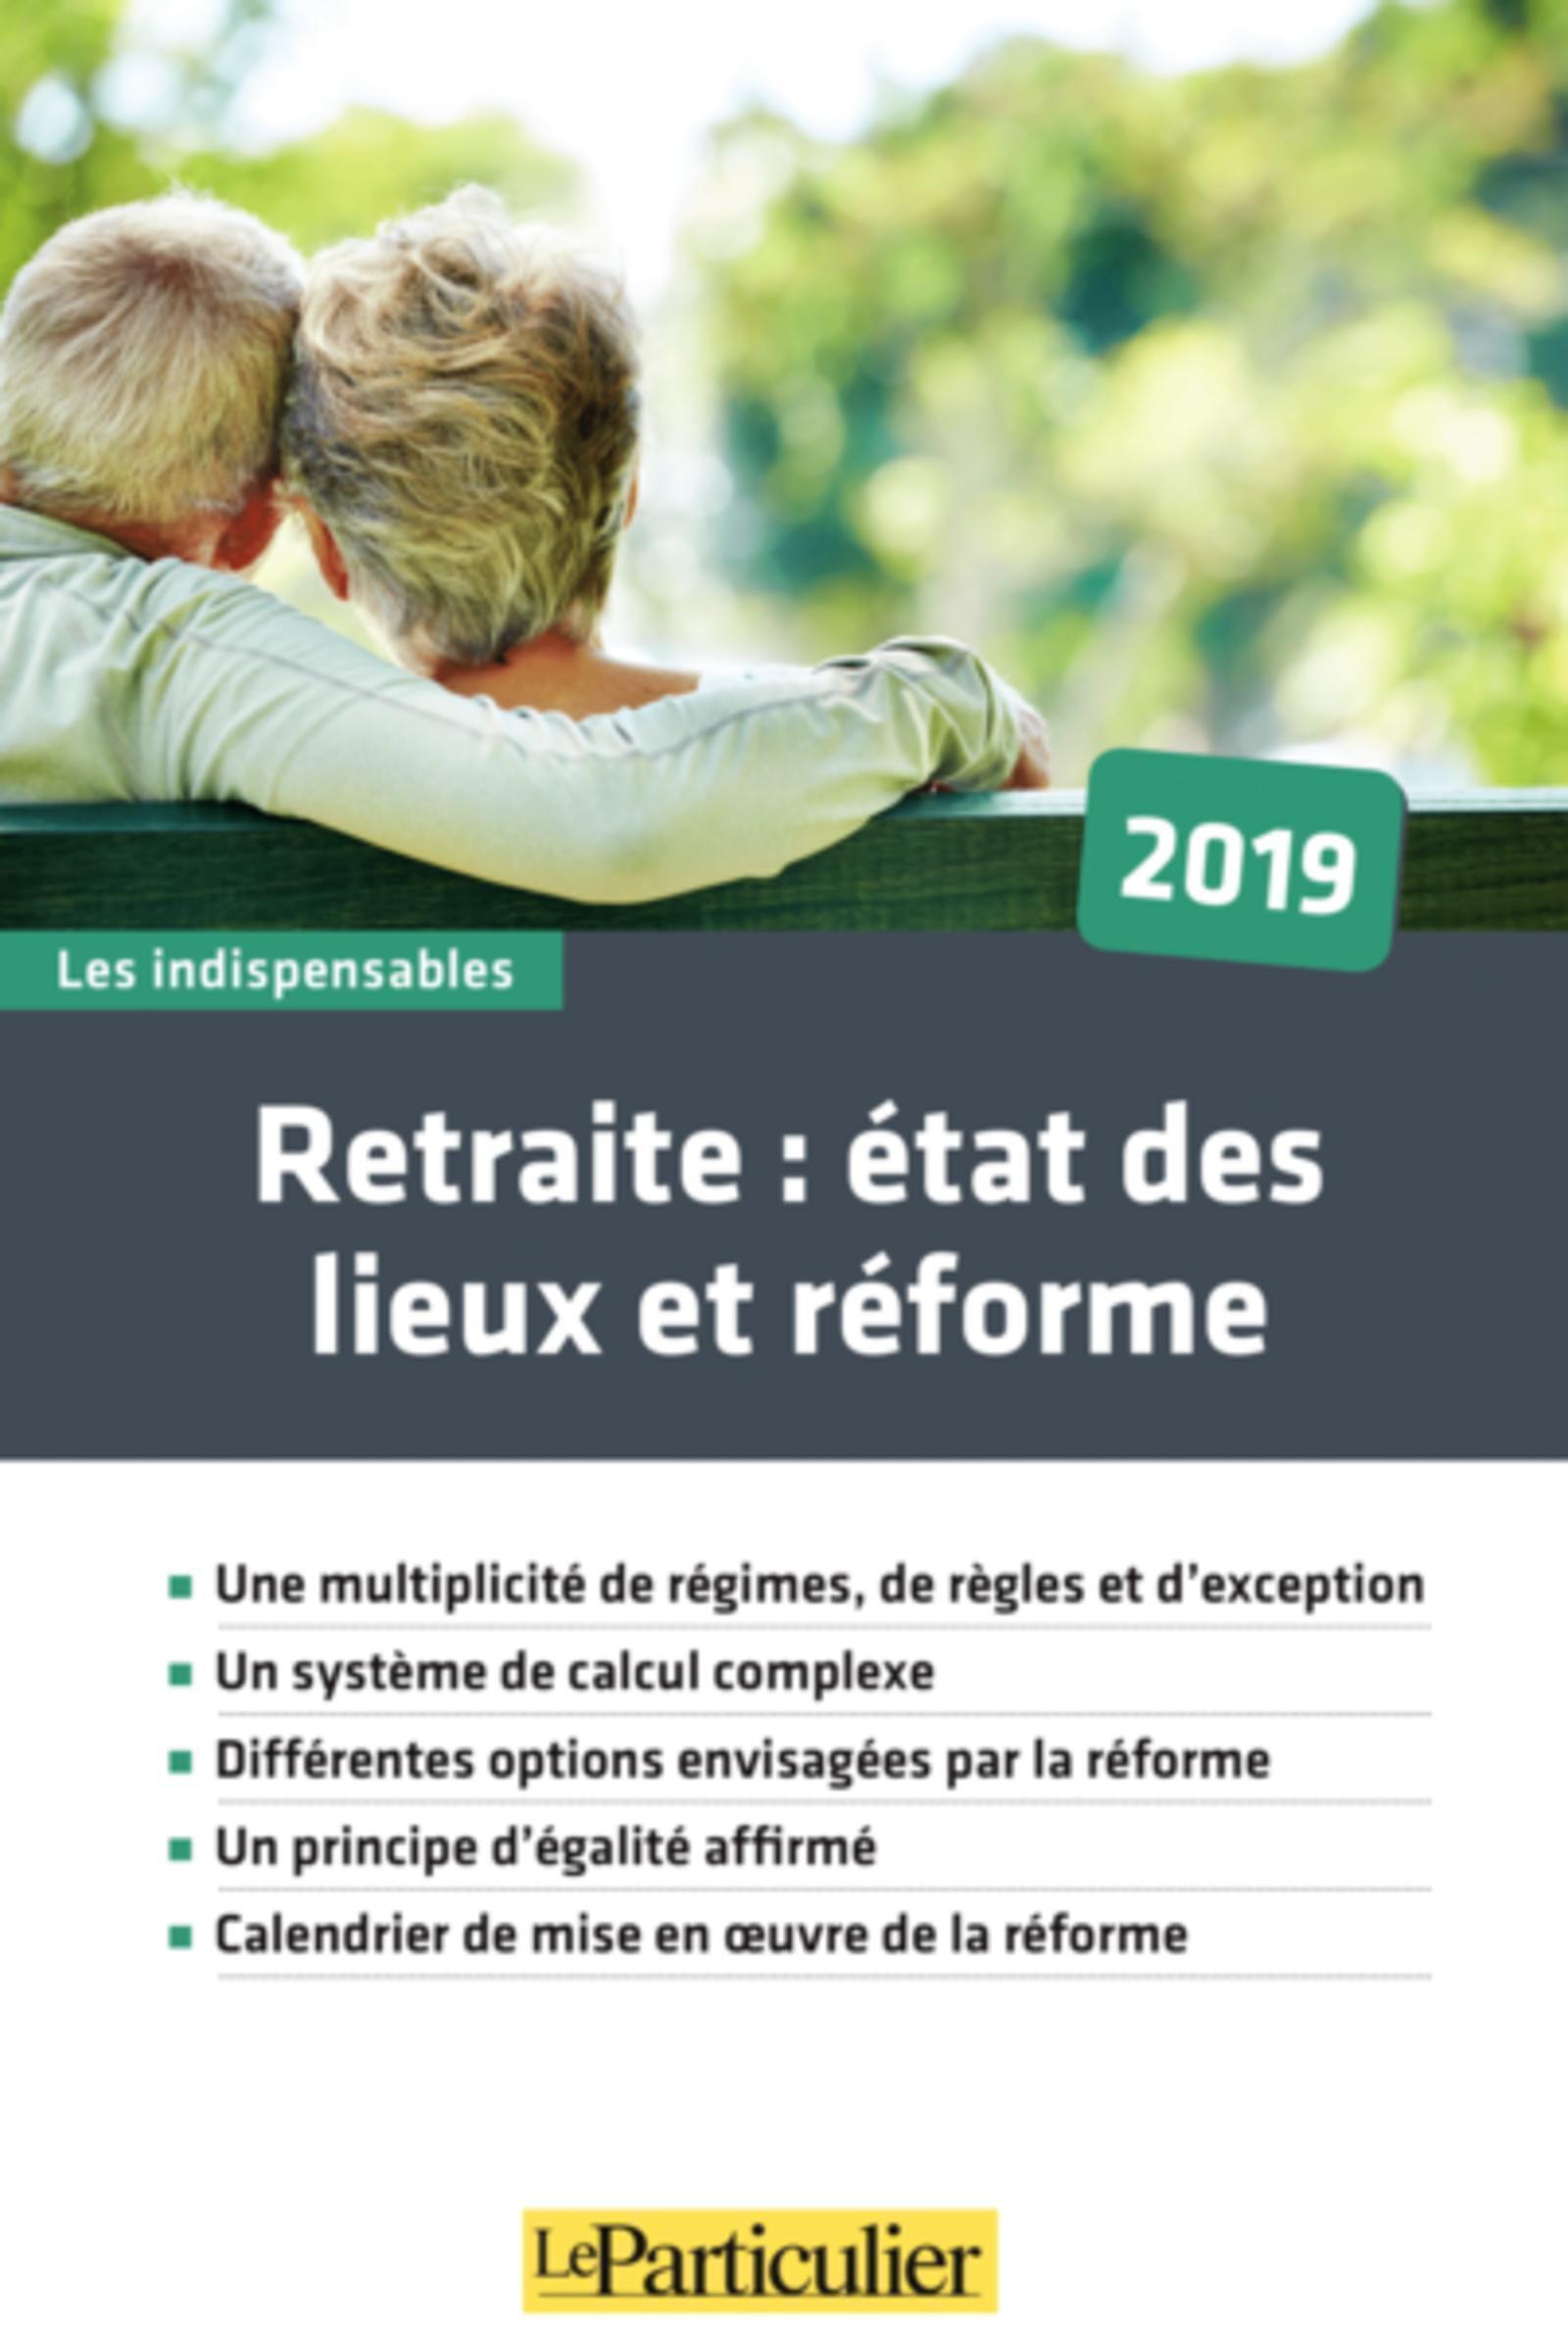 RETRAITE : ETAT DES LIEUX ET REFORME 2019 - UNE MULTIPLICITE DE REGIMES, DE REGLES ET D'EXCEPTION. U